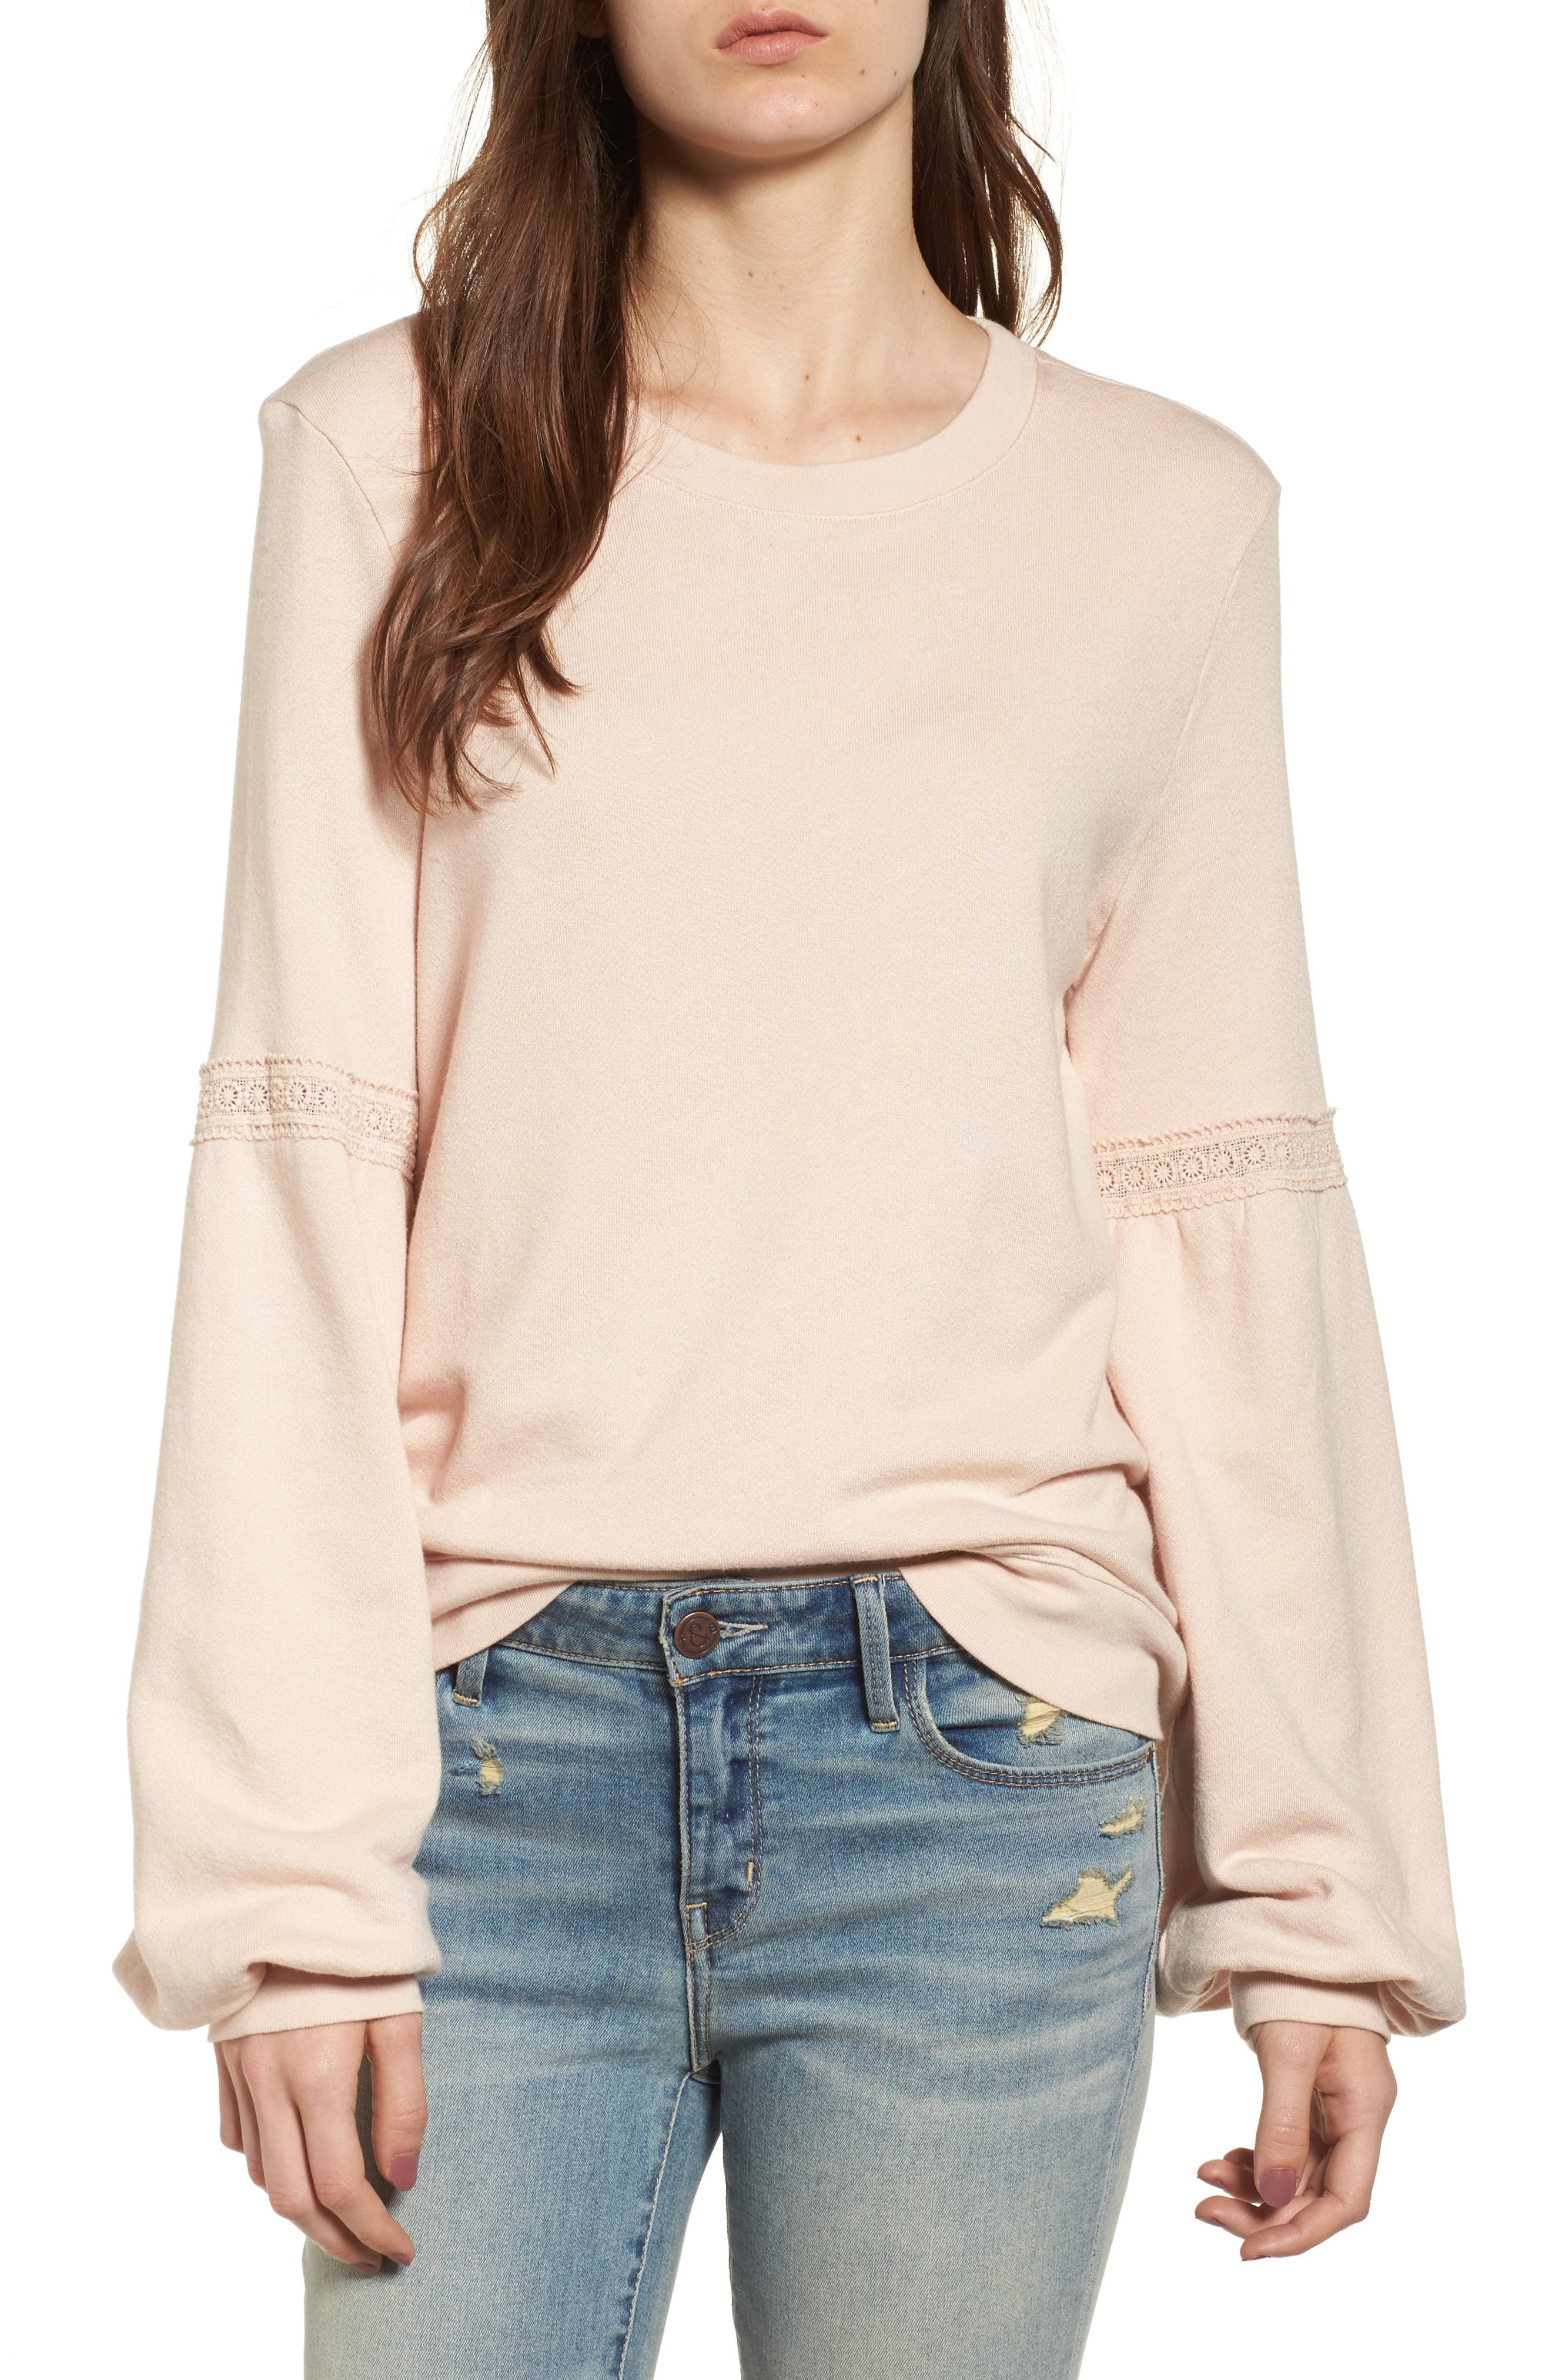 Blouson Sleeve Sweatshirt,                             Main thumbnail 1, color,                             Ivory Shell